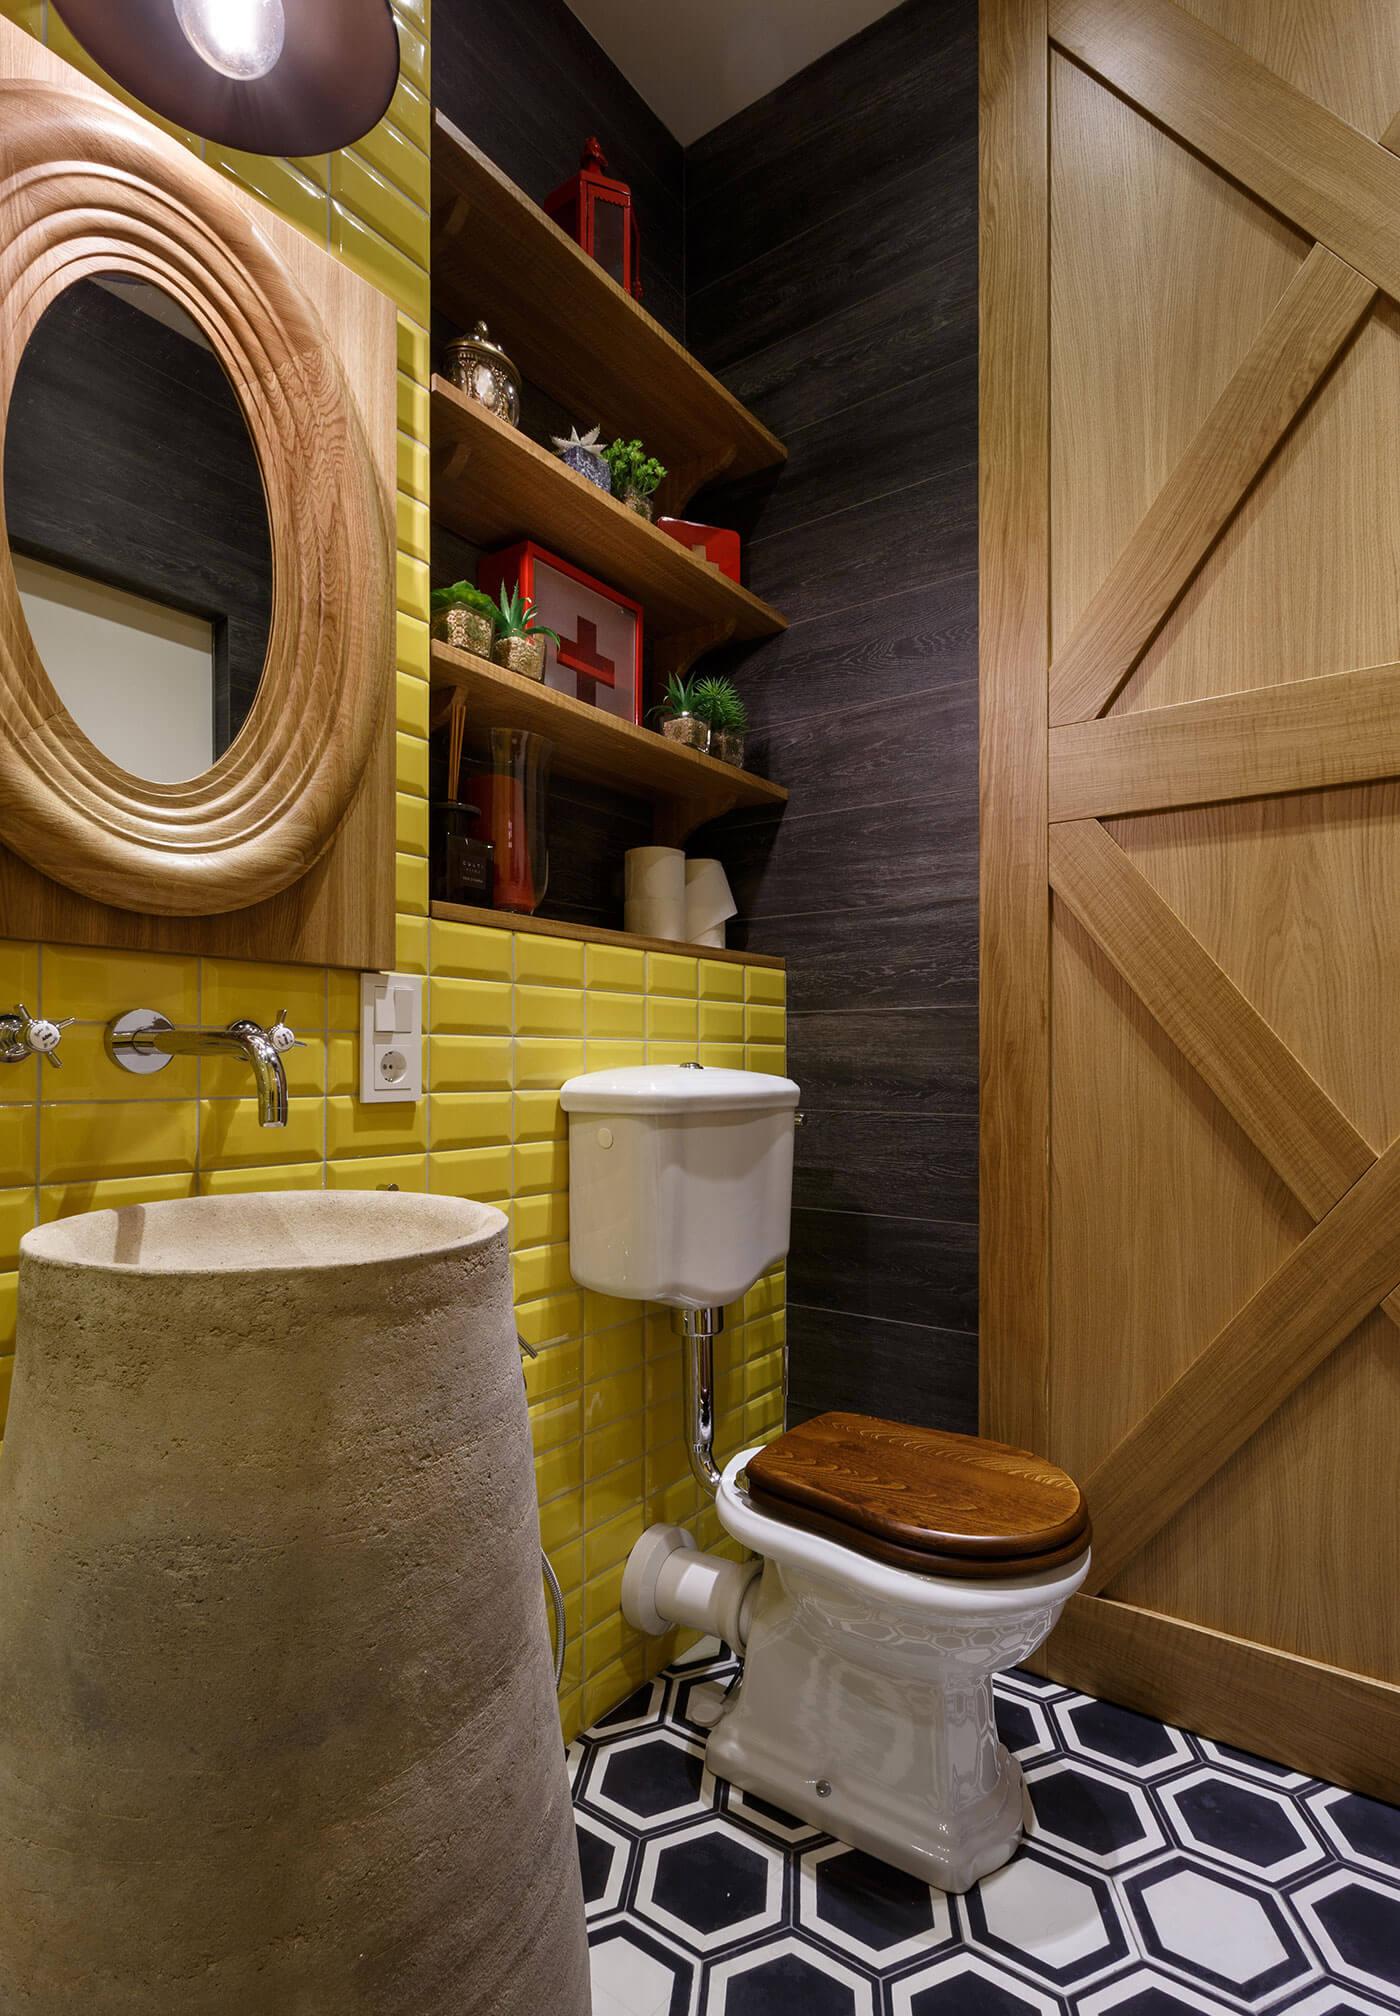 ایده های جالب و خلاقانه برای آپارتمان ها